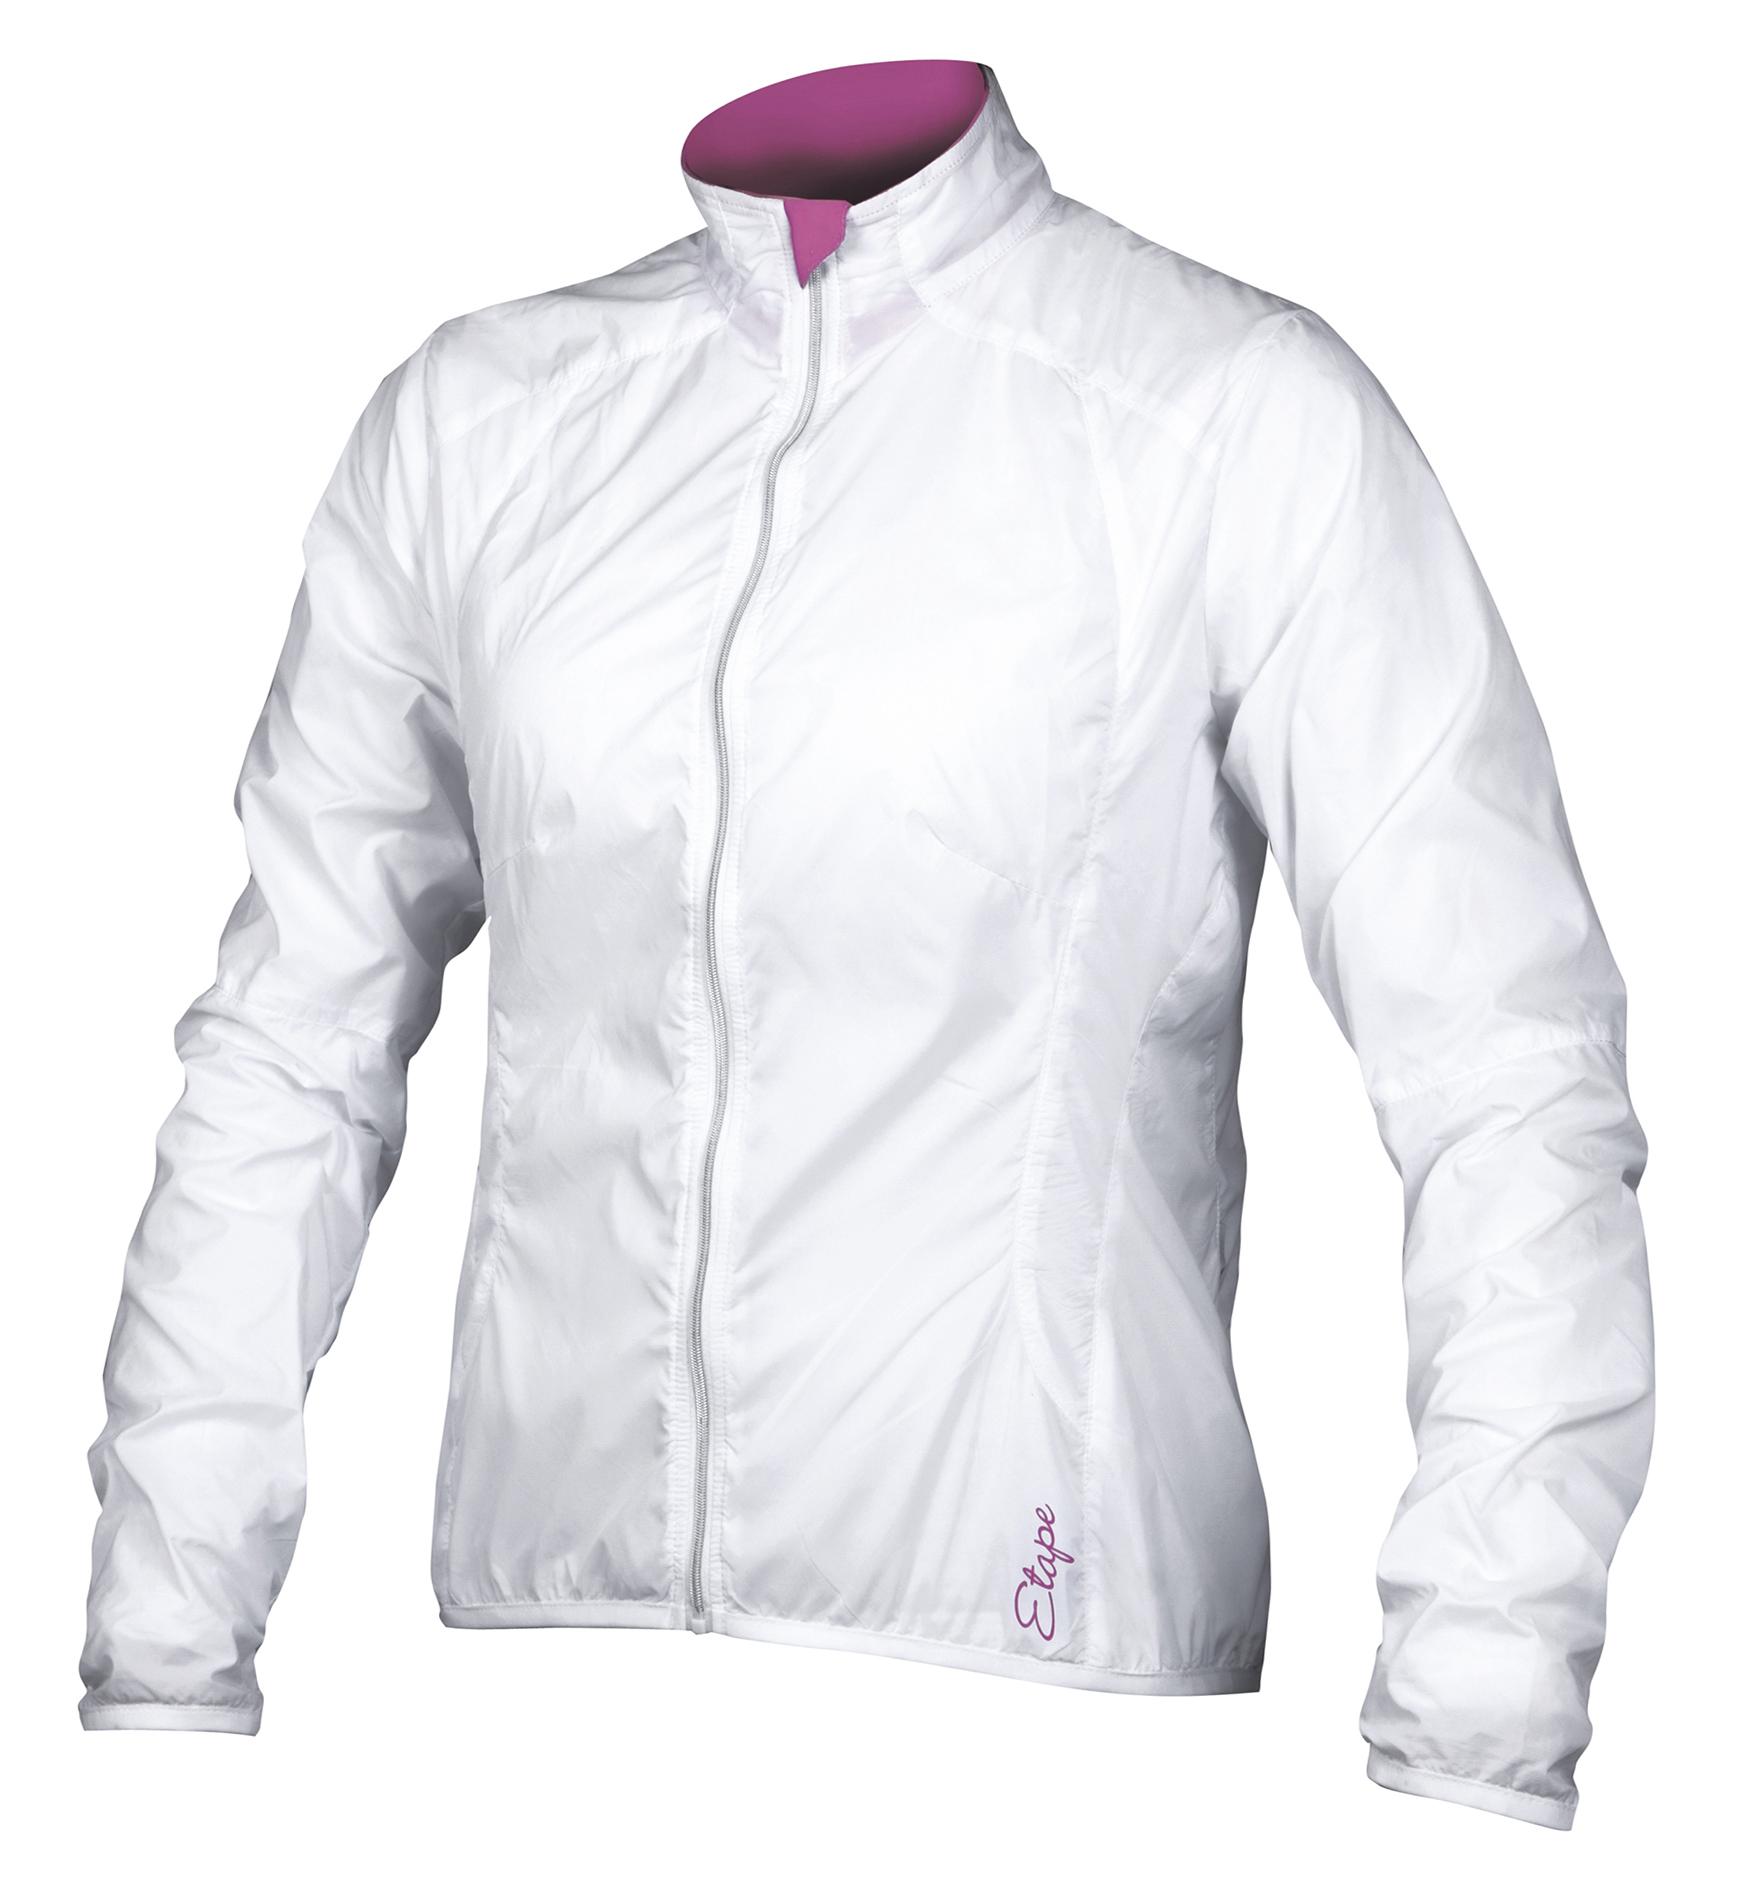 Dámská větrovka ETAPE Gloria, vel. S, bílá/růžová, model 2017 (Dámská větrová bunda Etape, zadní kapsa na zip)